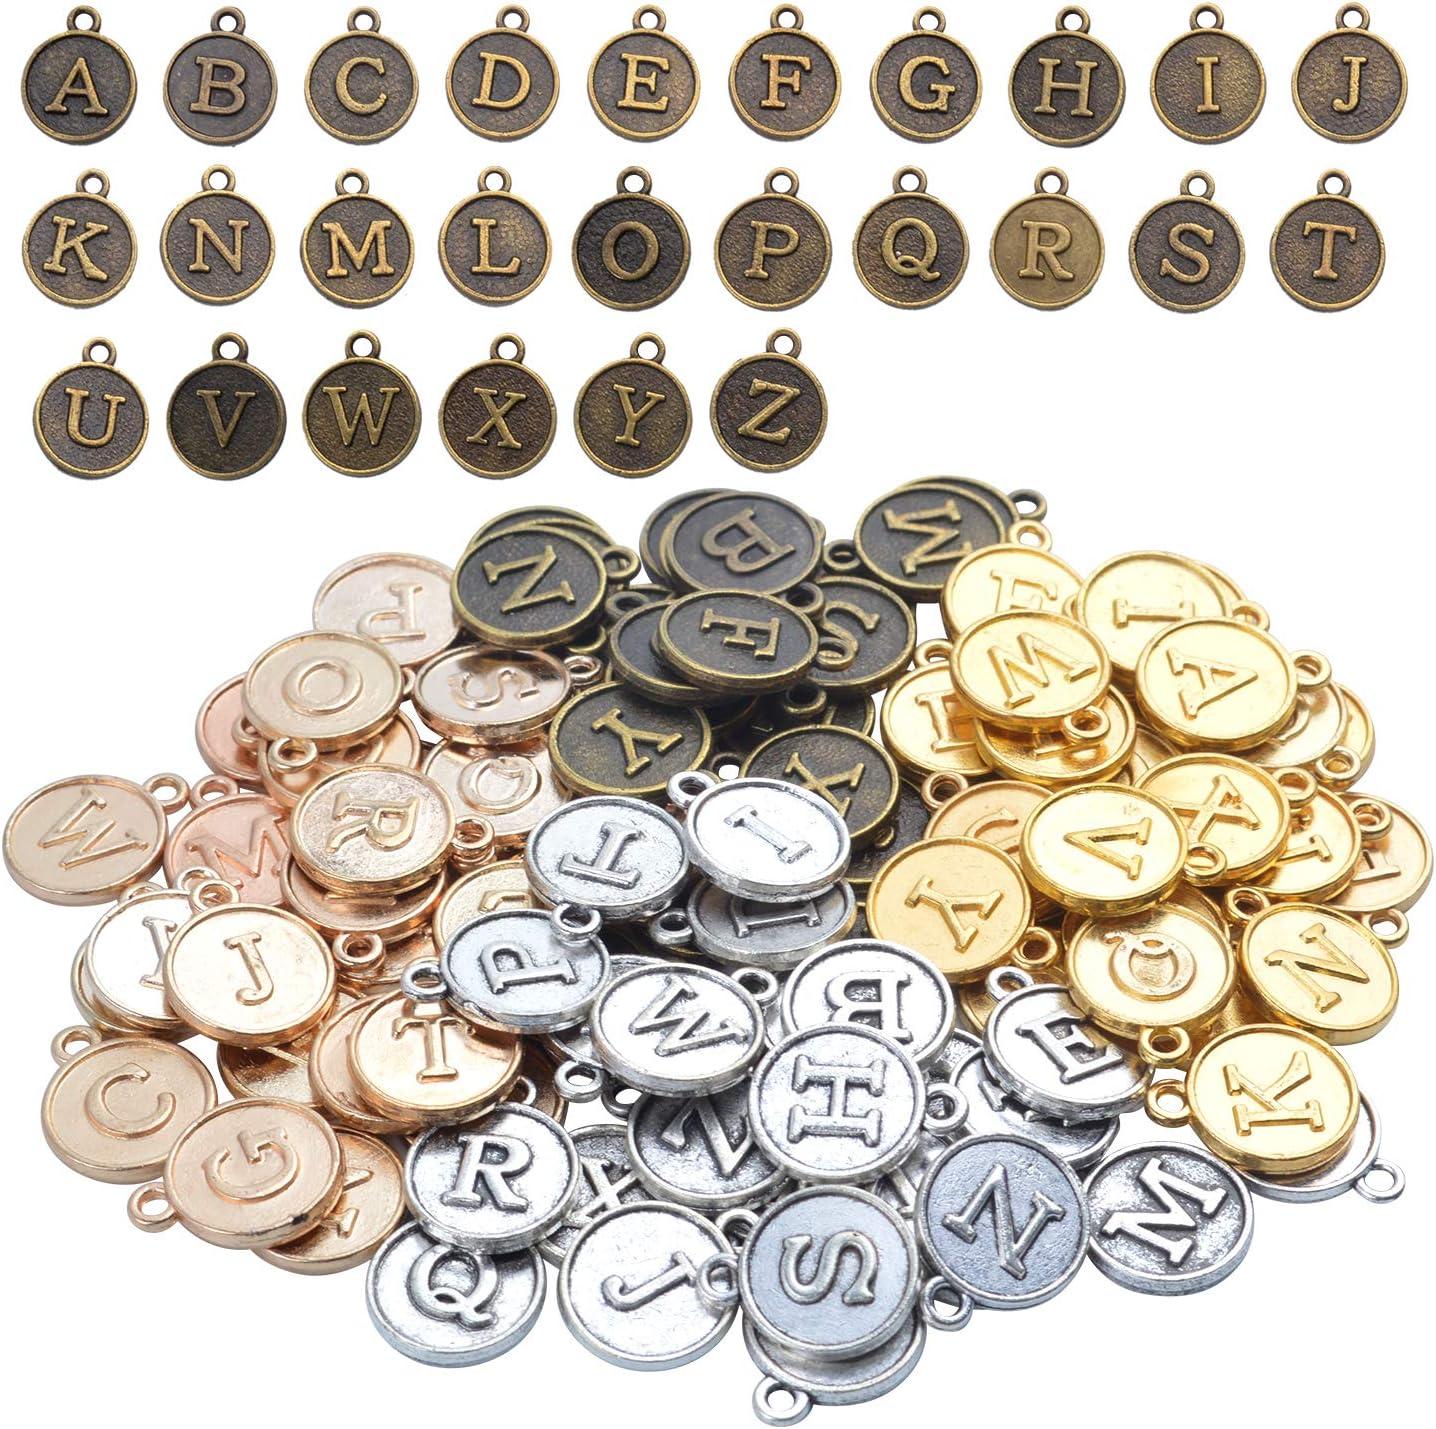 Aylifu 4 Juegos (104 Piezas) A-Z Alfabeto Encantos Letras Inicial Colgantes Dijes Vintage para Bisutería Decoracion,4 Colores